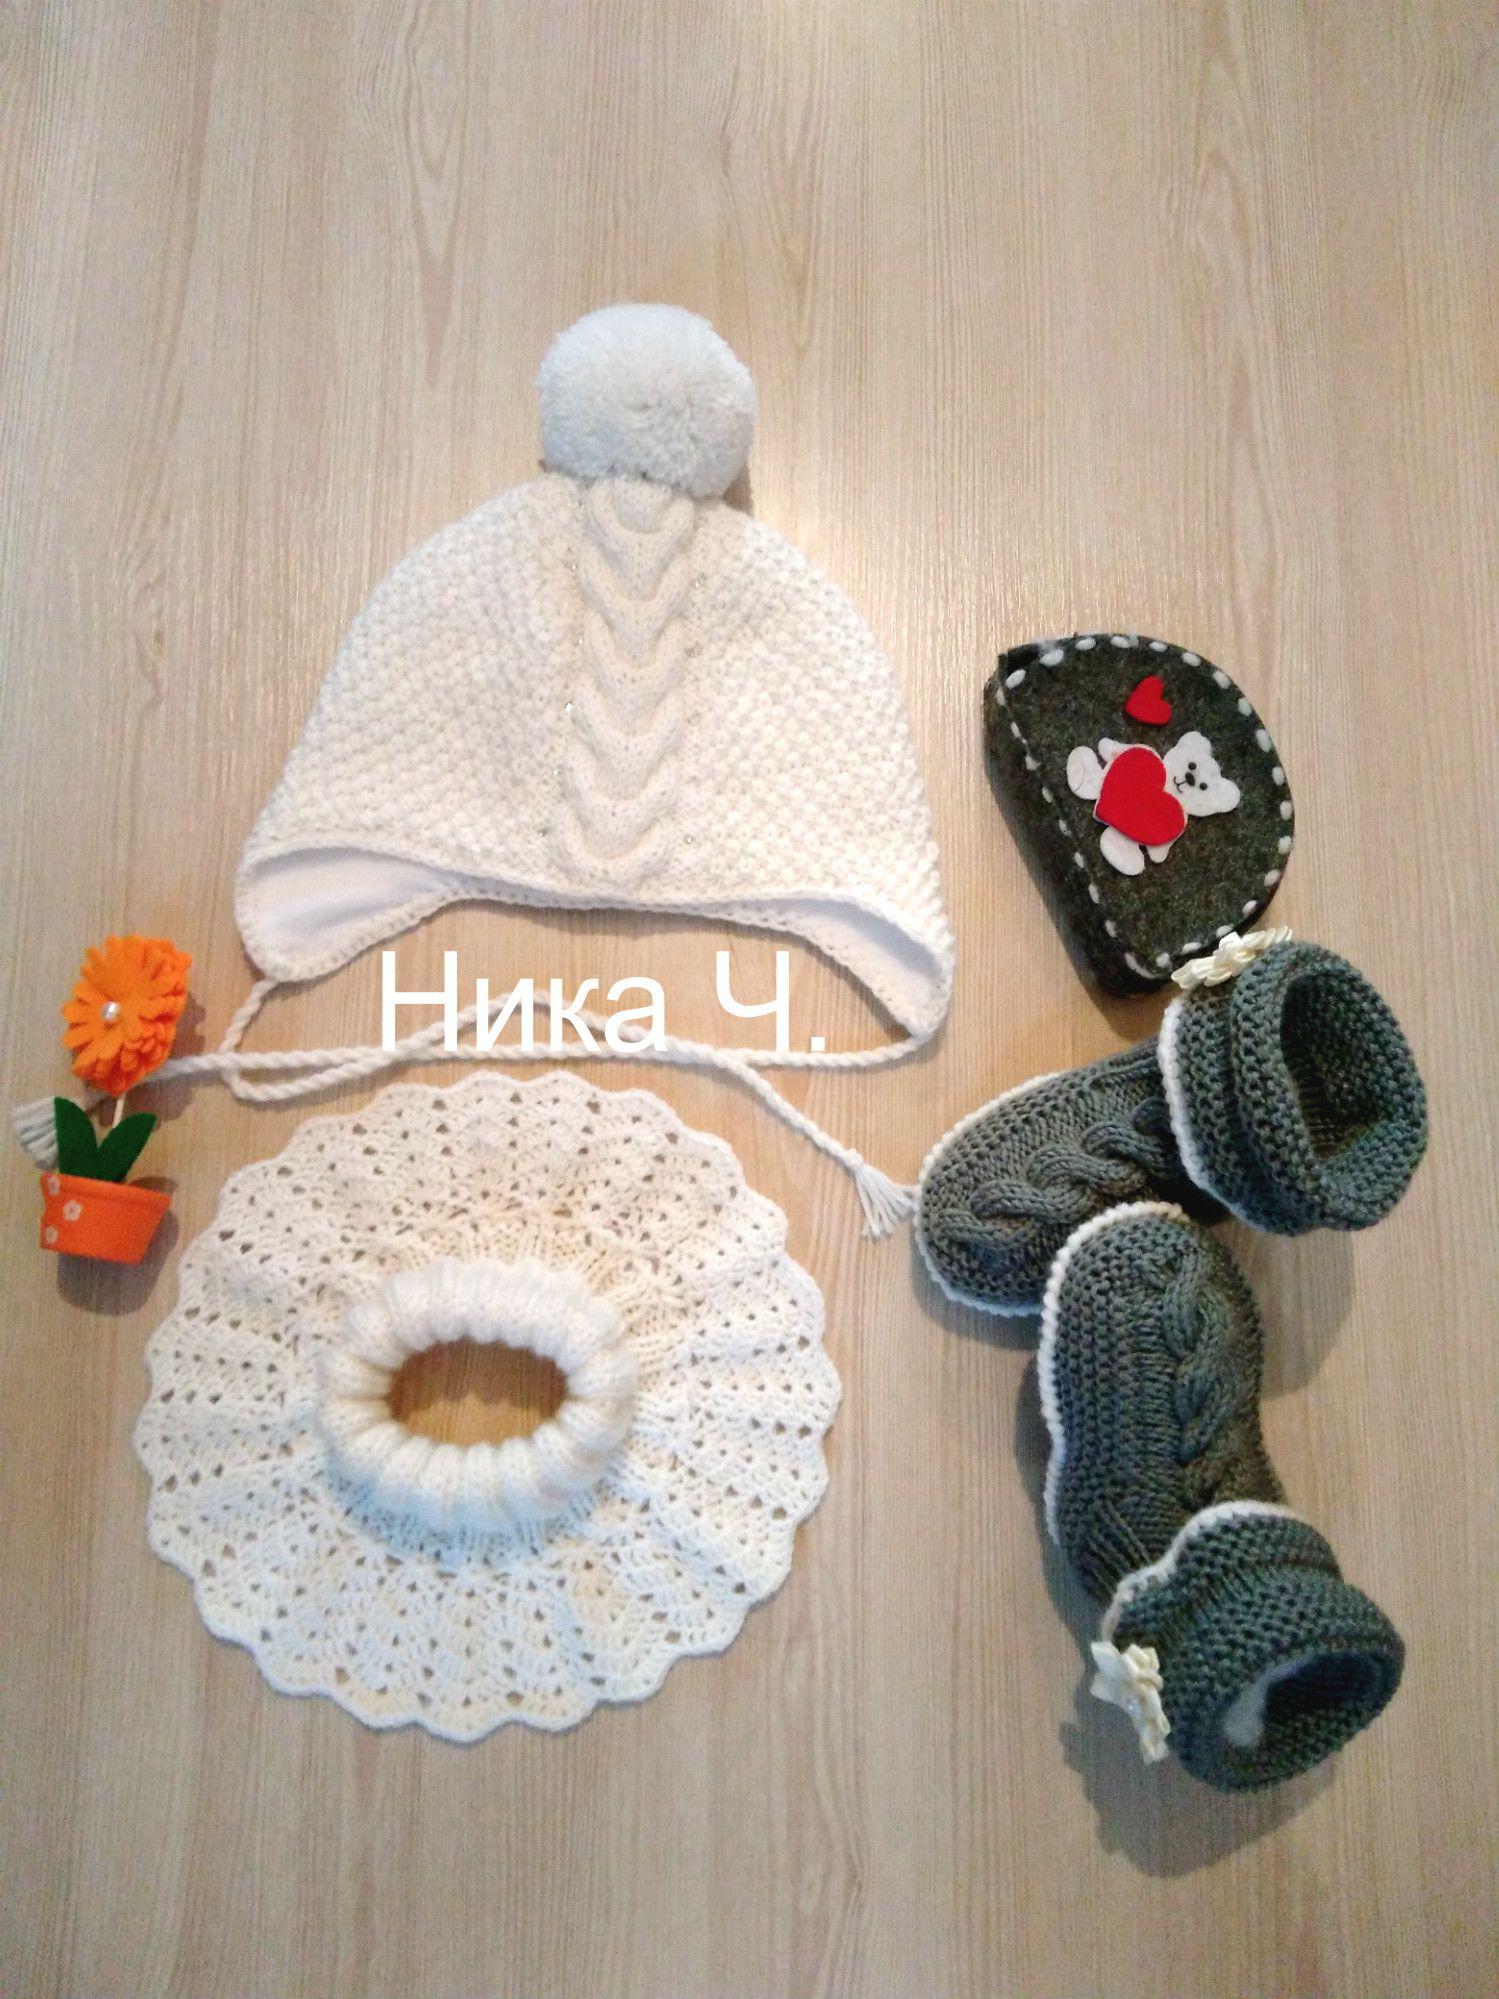 ручнаяработа вязанаяшапка вязание заказ шапка хендмейд handmade крючком